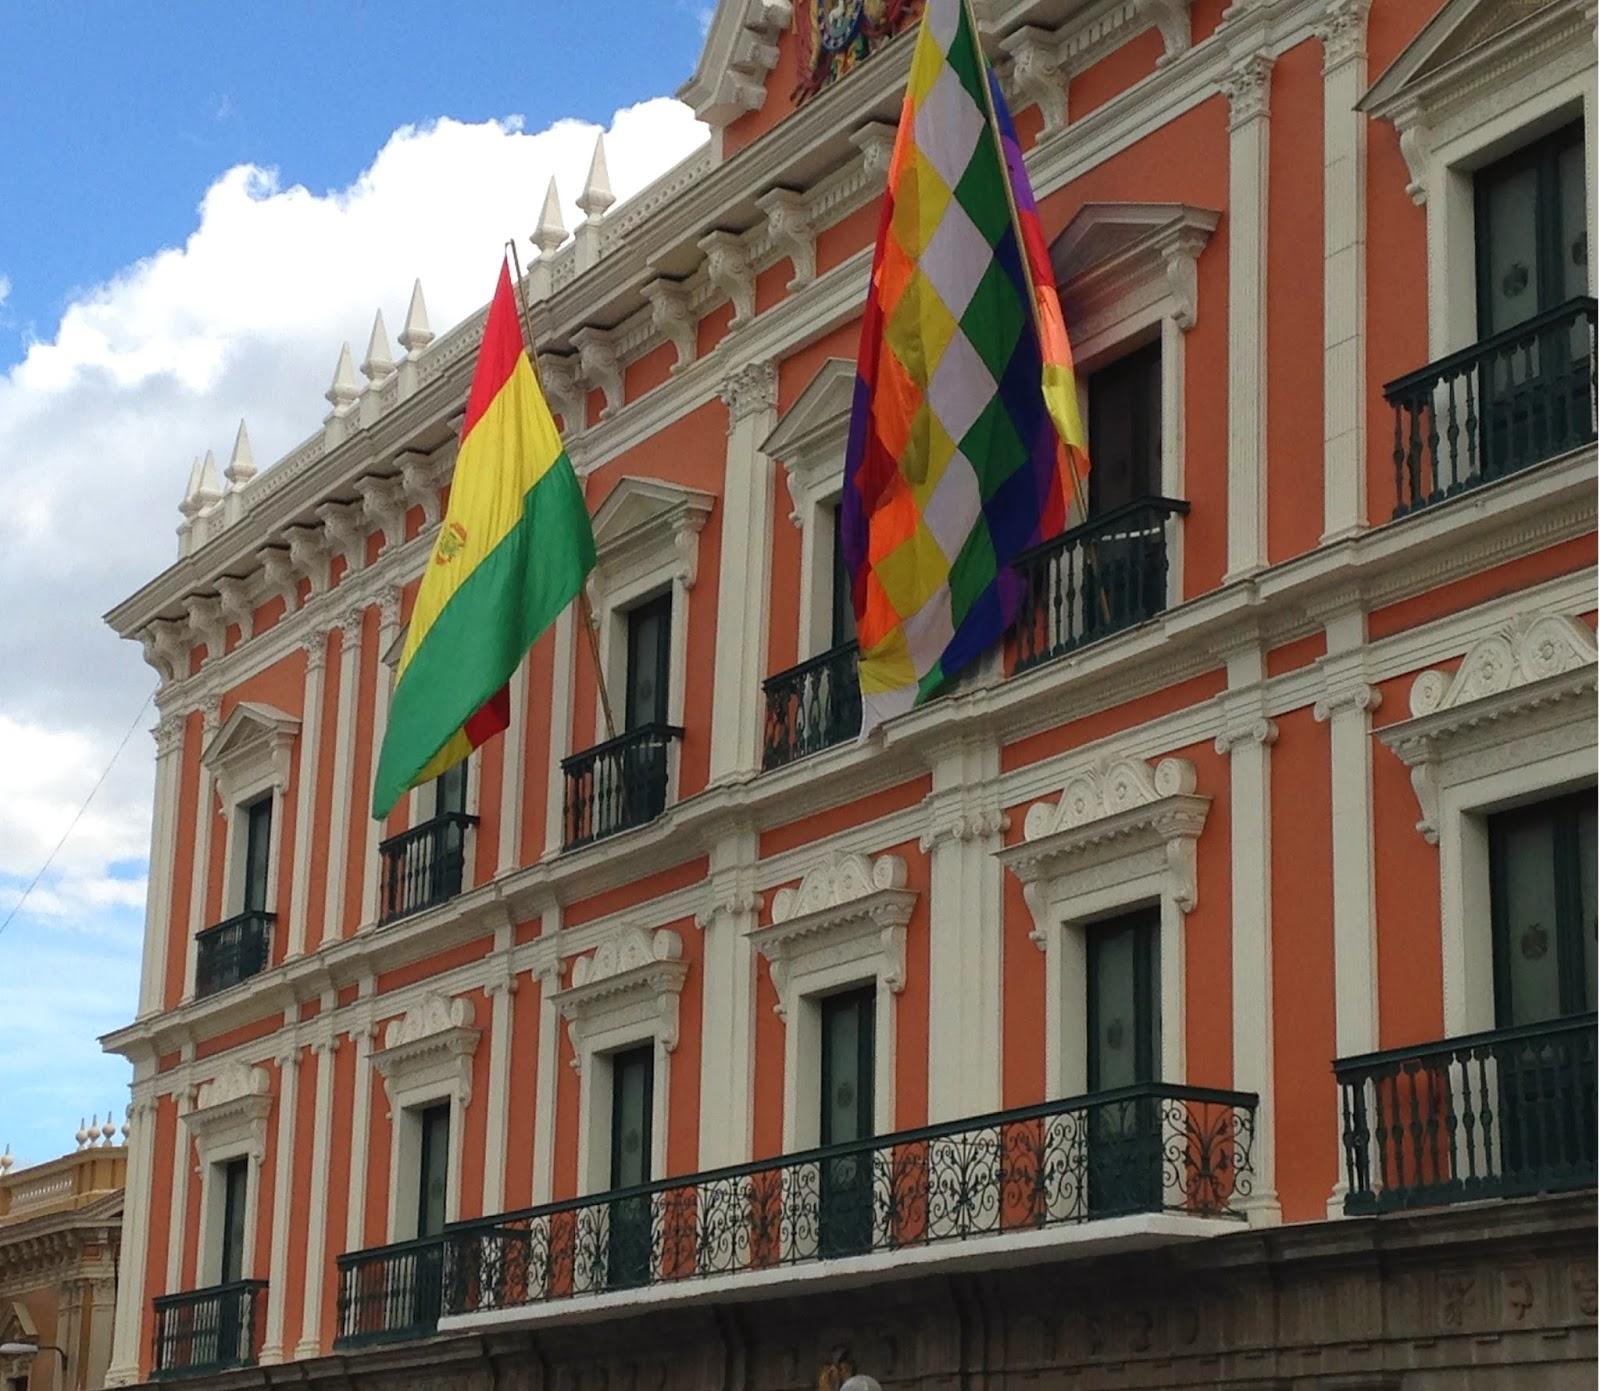 la paz bolivia president house